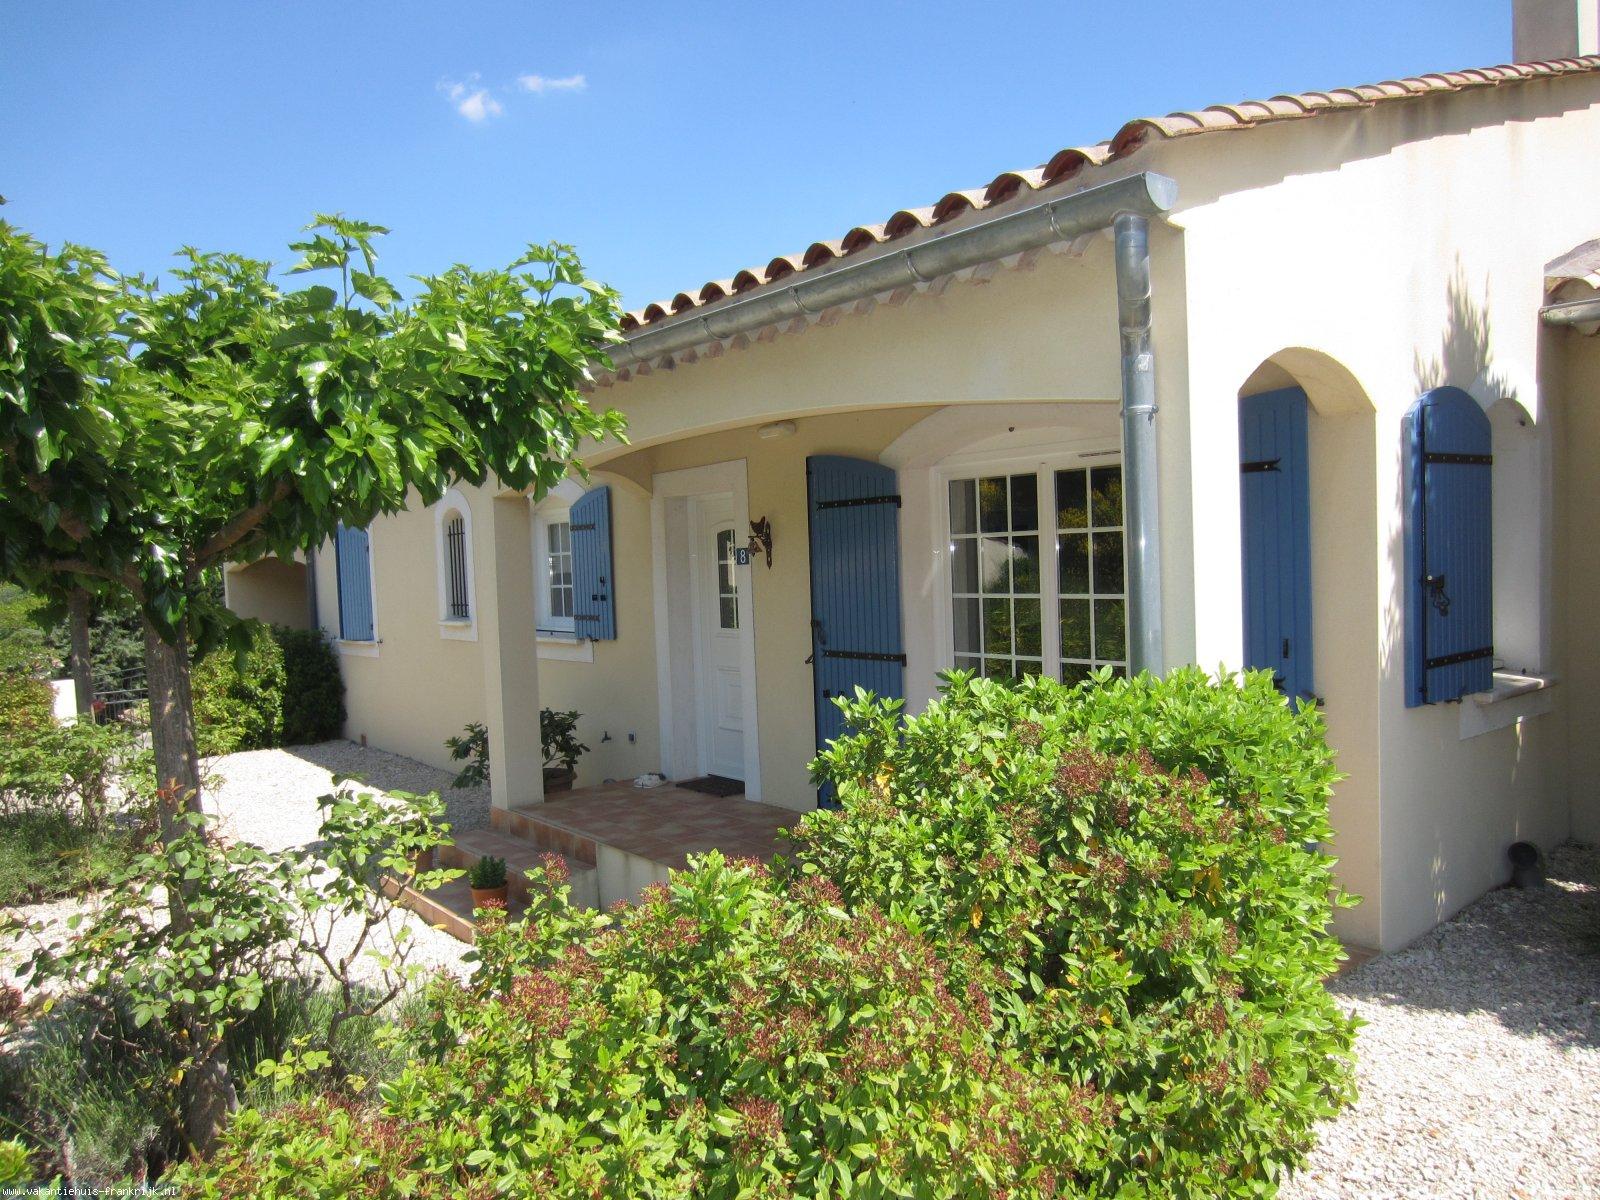 Vakantiehuis: Charmante vrijstaande bungalow met zwembad te Goudargues te huur voor uw vakantie in Gard (Frankrijk)